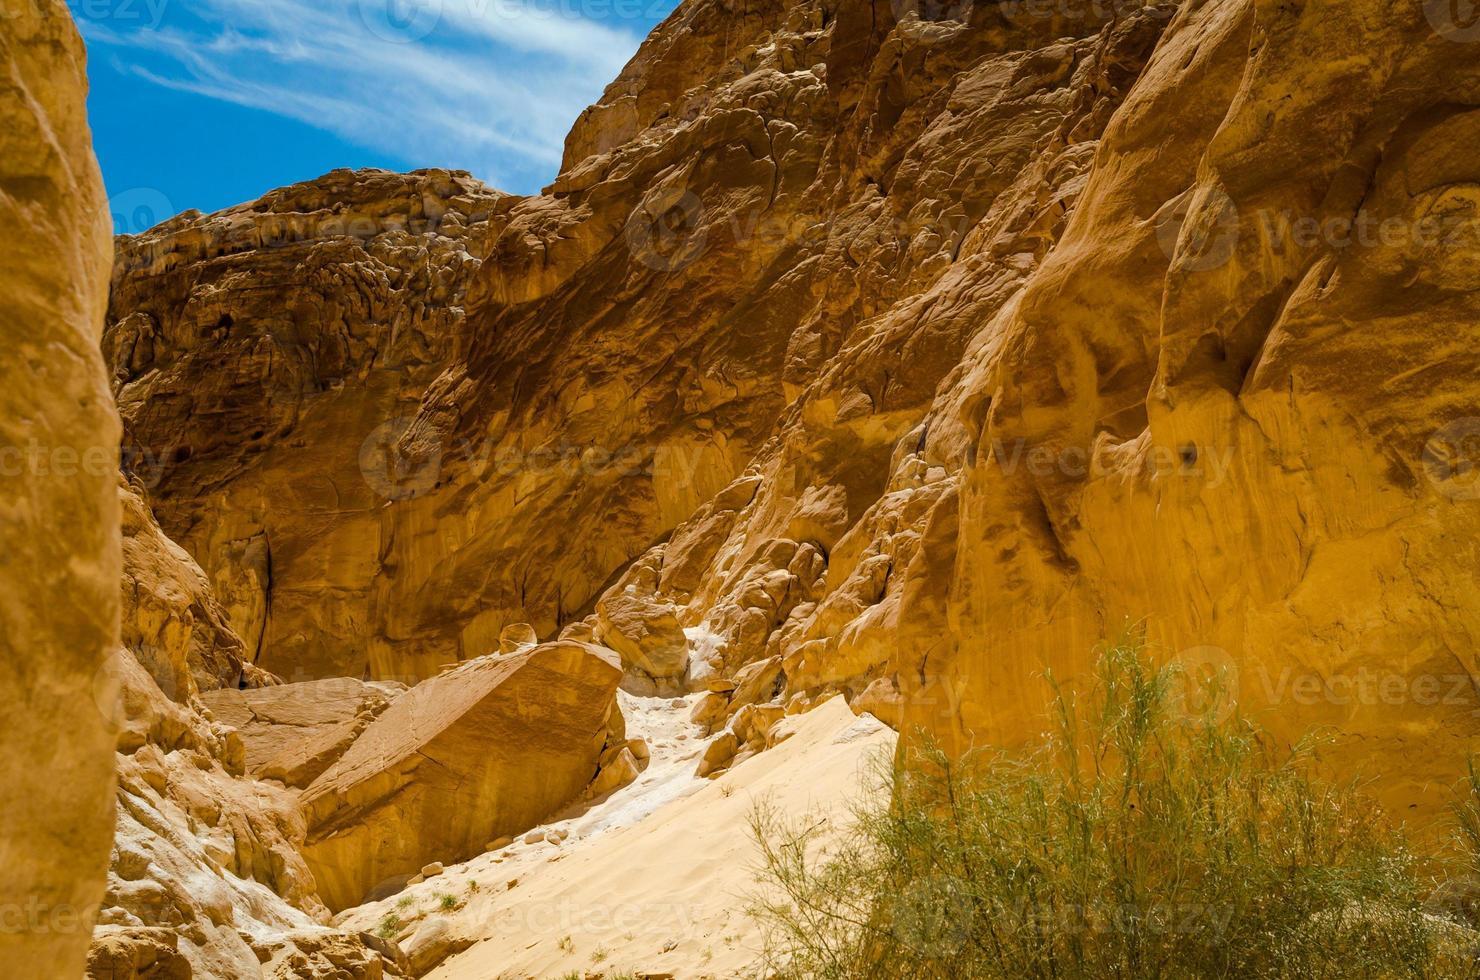 bruine rotsen in een canyon foto